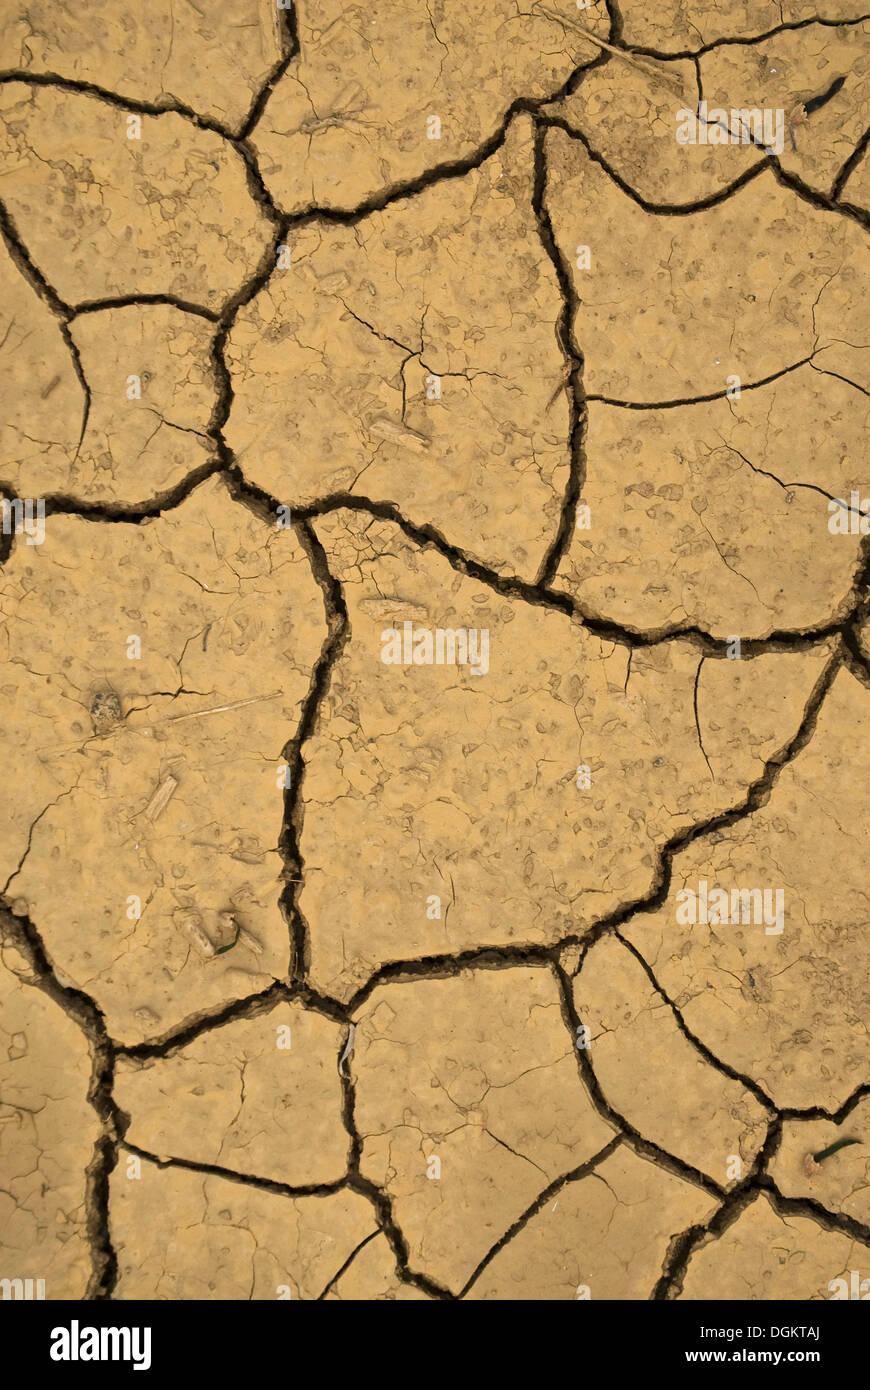 Secco, incrinato fango, immagine simbolica per il cambiamento climatico, Linz am Rhein, Neuwied, Renania-Palatinato Immagini Stock